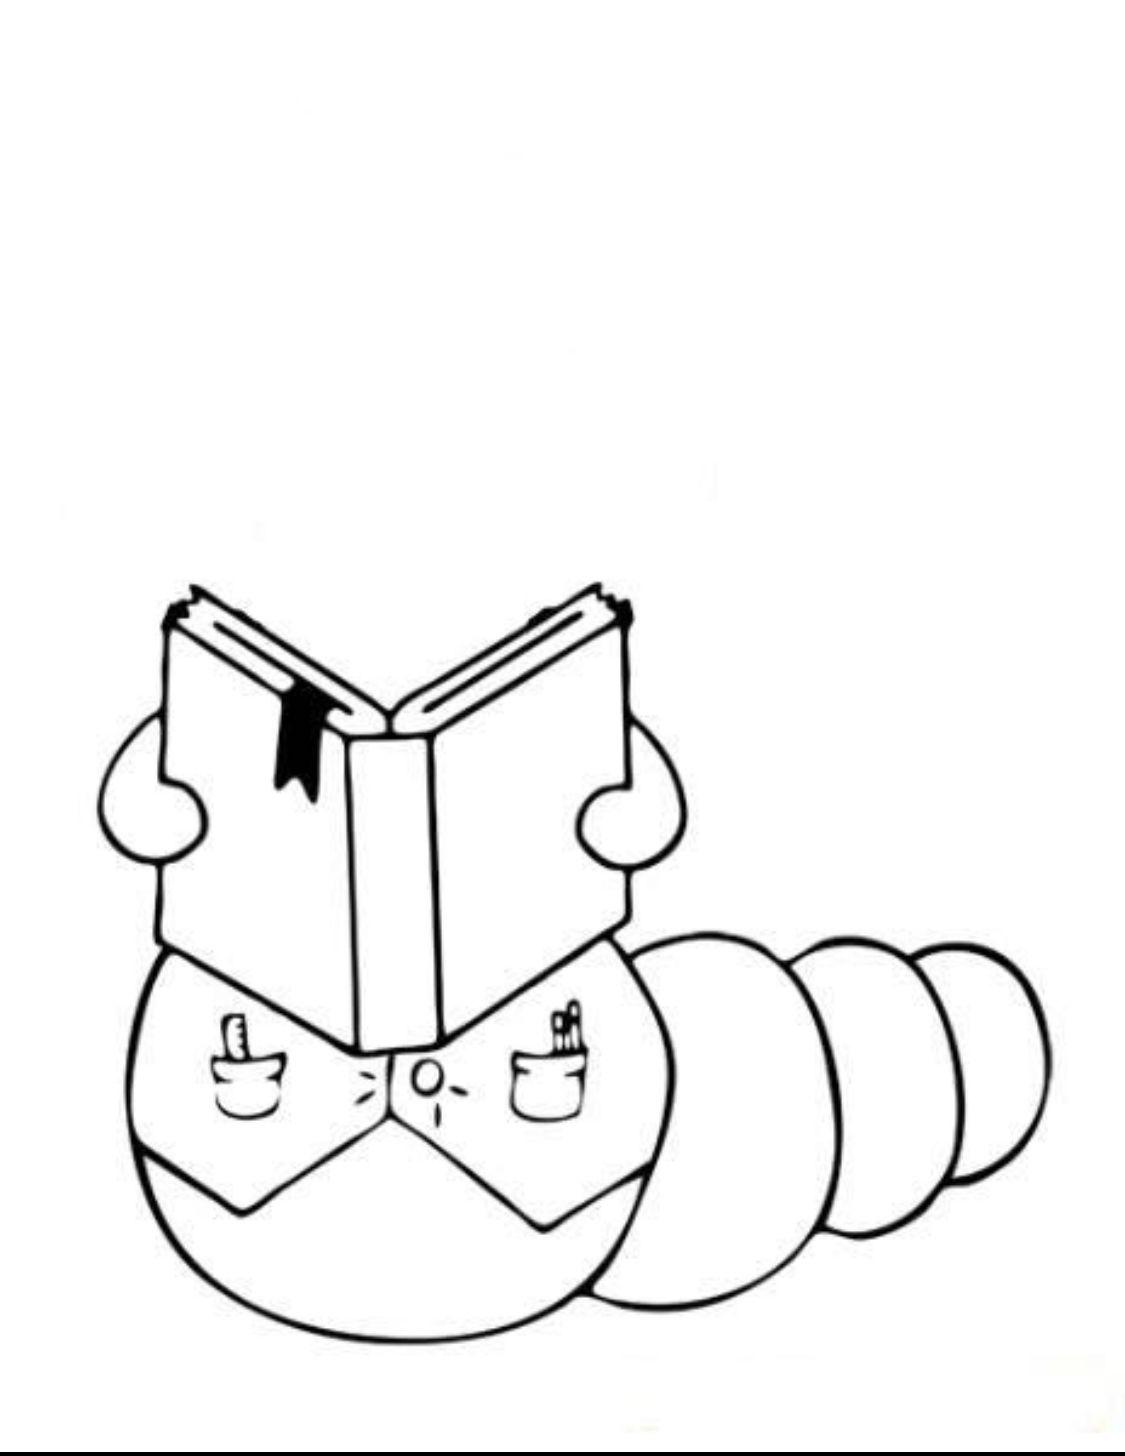 Seyma Tunga Adli Kullanicinin Nalan Panosundaki Pin Kitap Haftasi Temali Dogumgunu Partileri Kitap